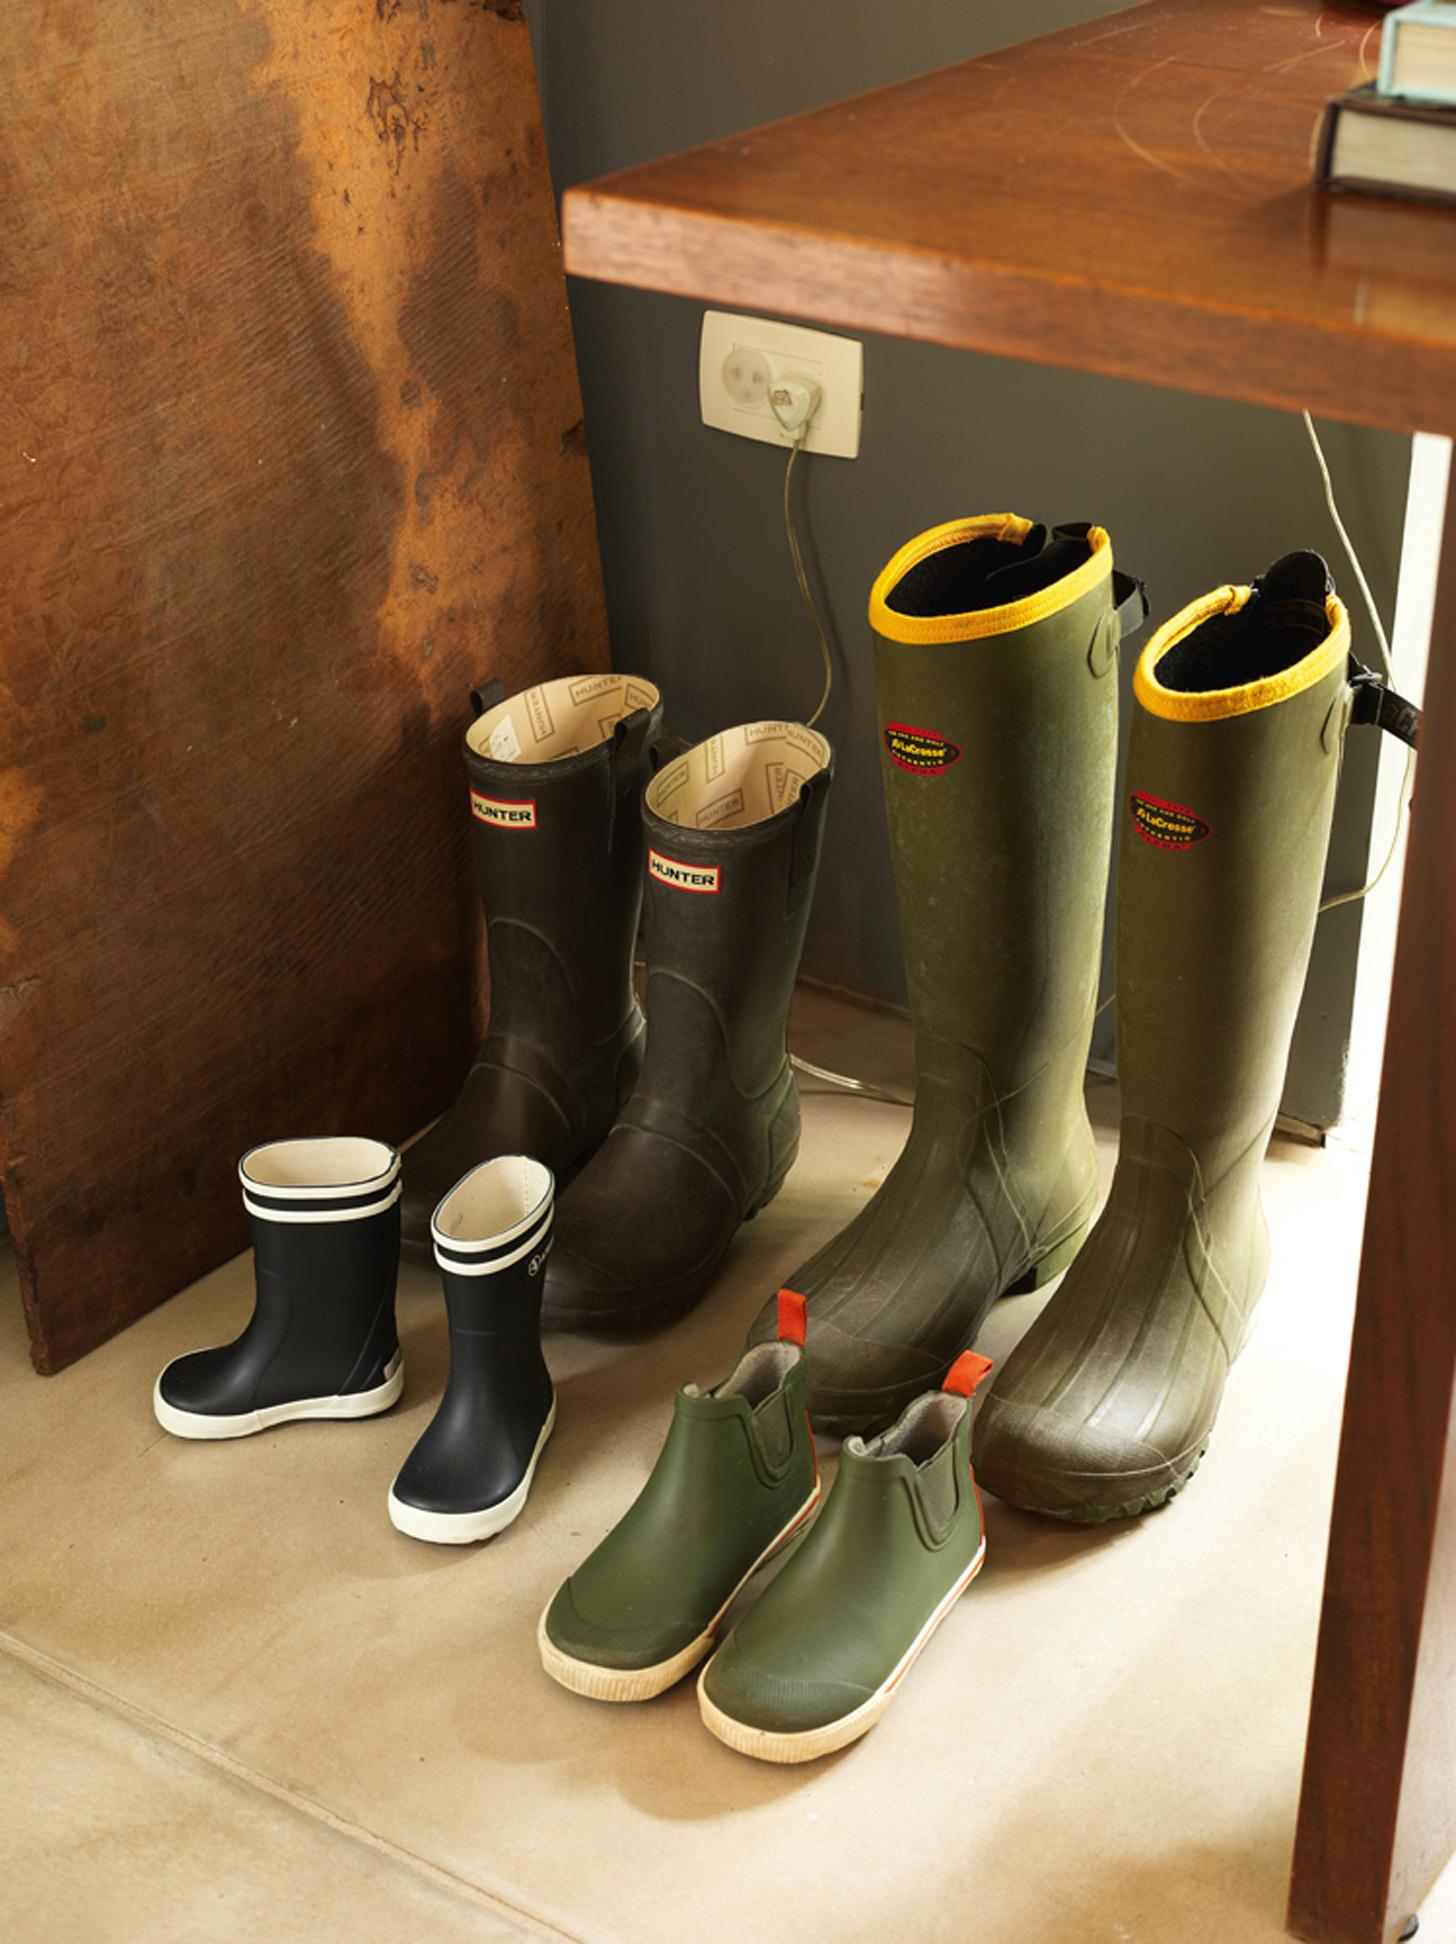 Galochas: Detalhe das botas dos moradores da casa, usadas em dias de chuva